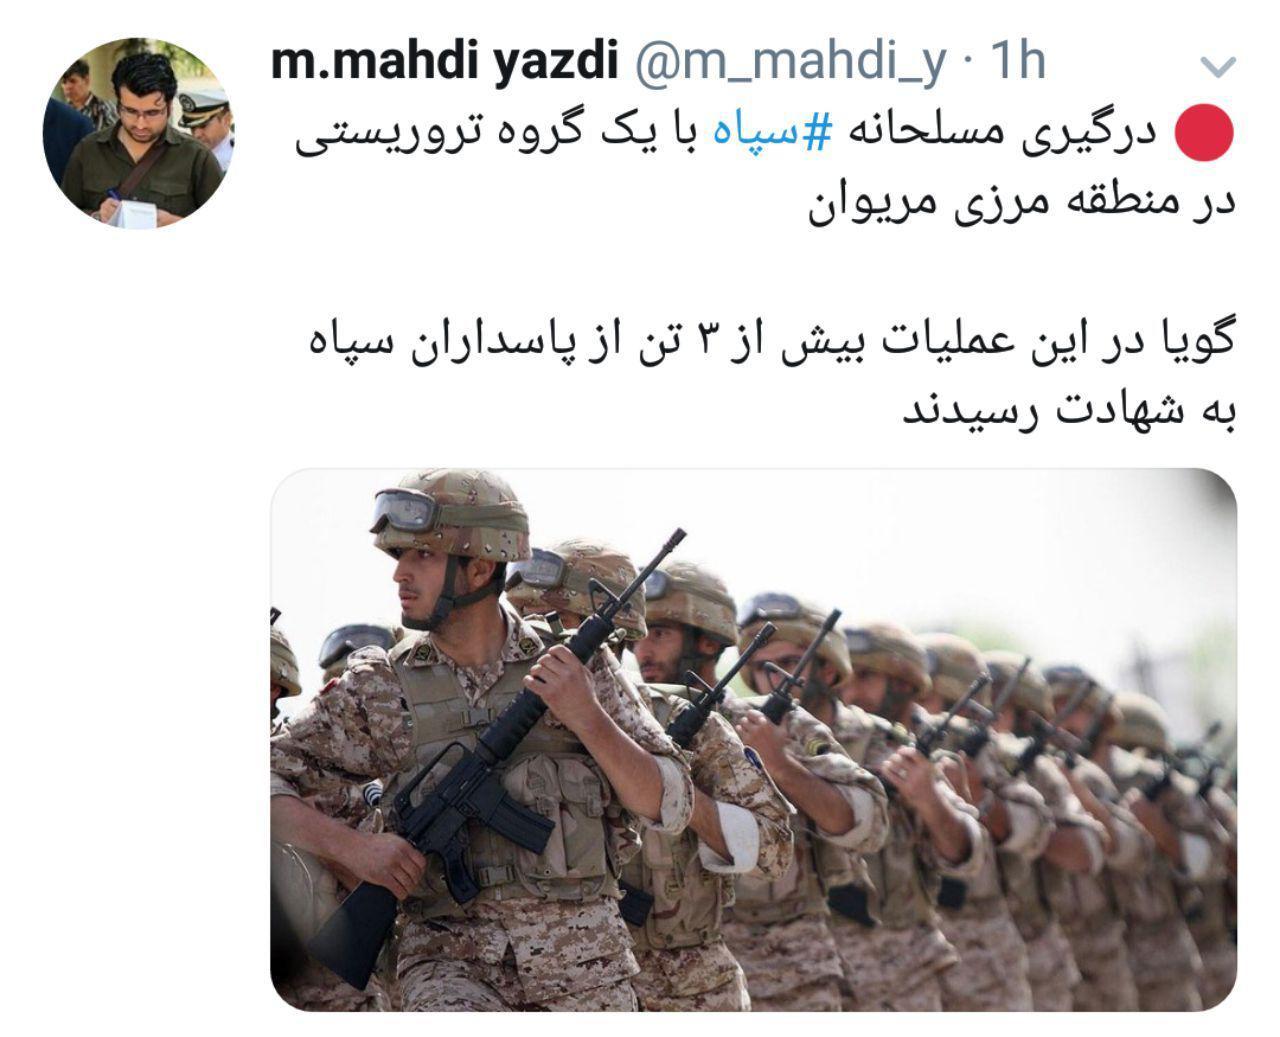 توییت خبرنگار فارس از درگیری در منطقه مرزی مریوان: بیش از 3 پاسدار شهید شدند